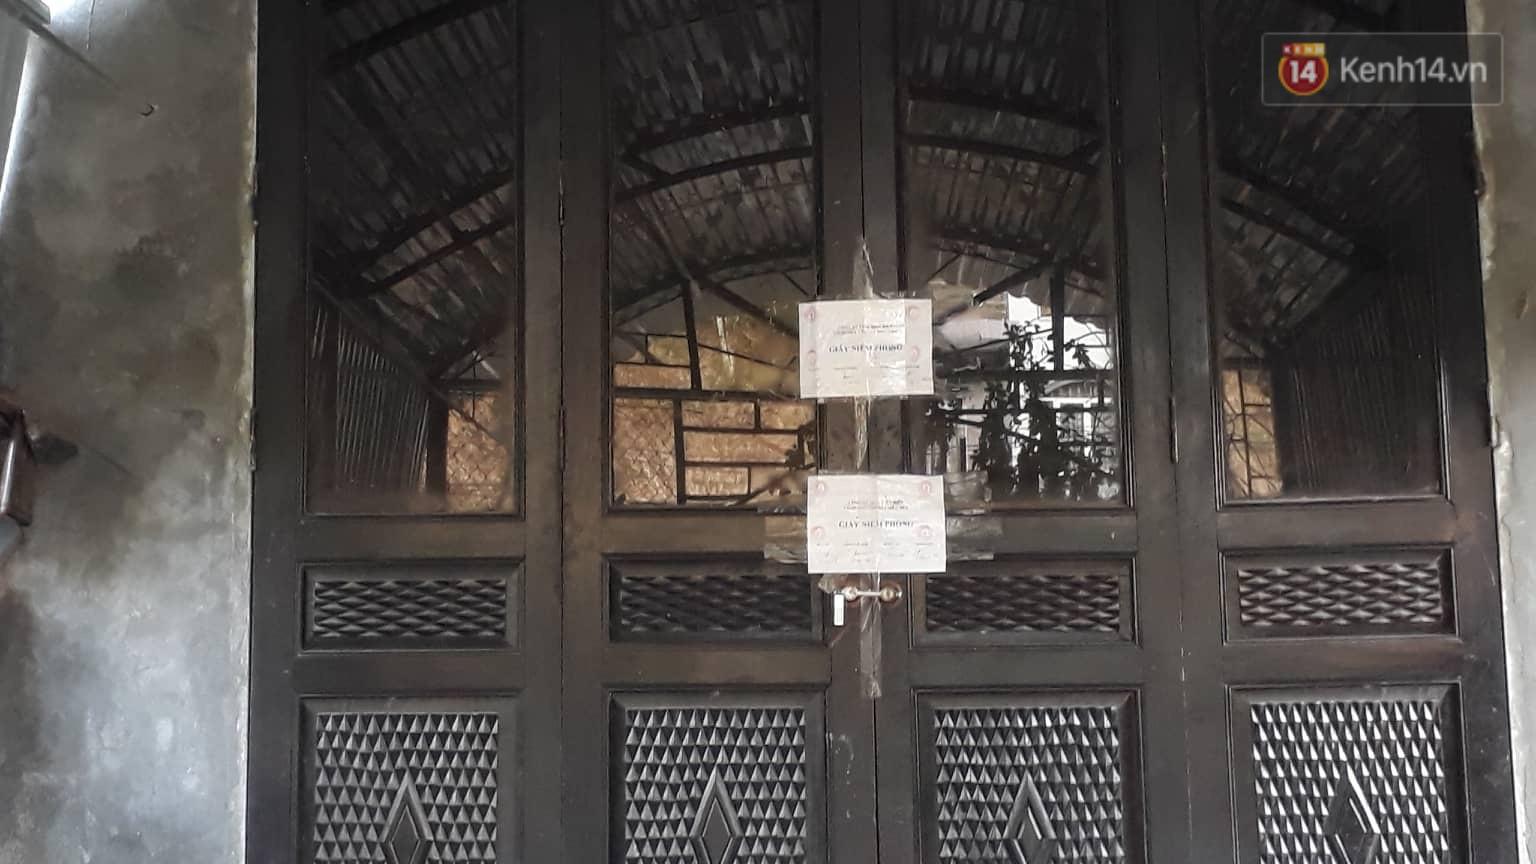 Vụ nữ sinh giao gà bị sát hại: Hàng xóm vẫn chưa hết bàng hoàng trước màn kịch xảo quyệt, che giấu tội ác cho chồng của Bùi Thị Kim Thu-2